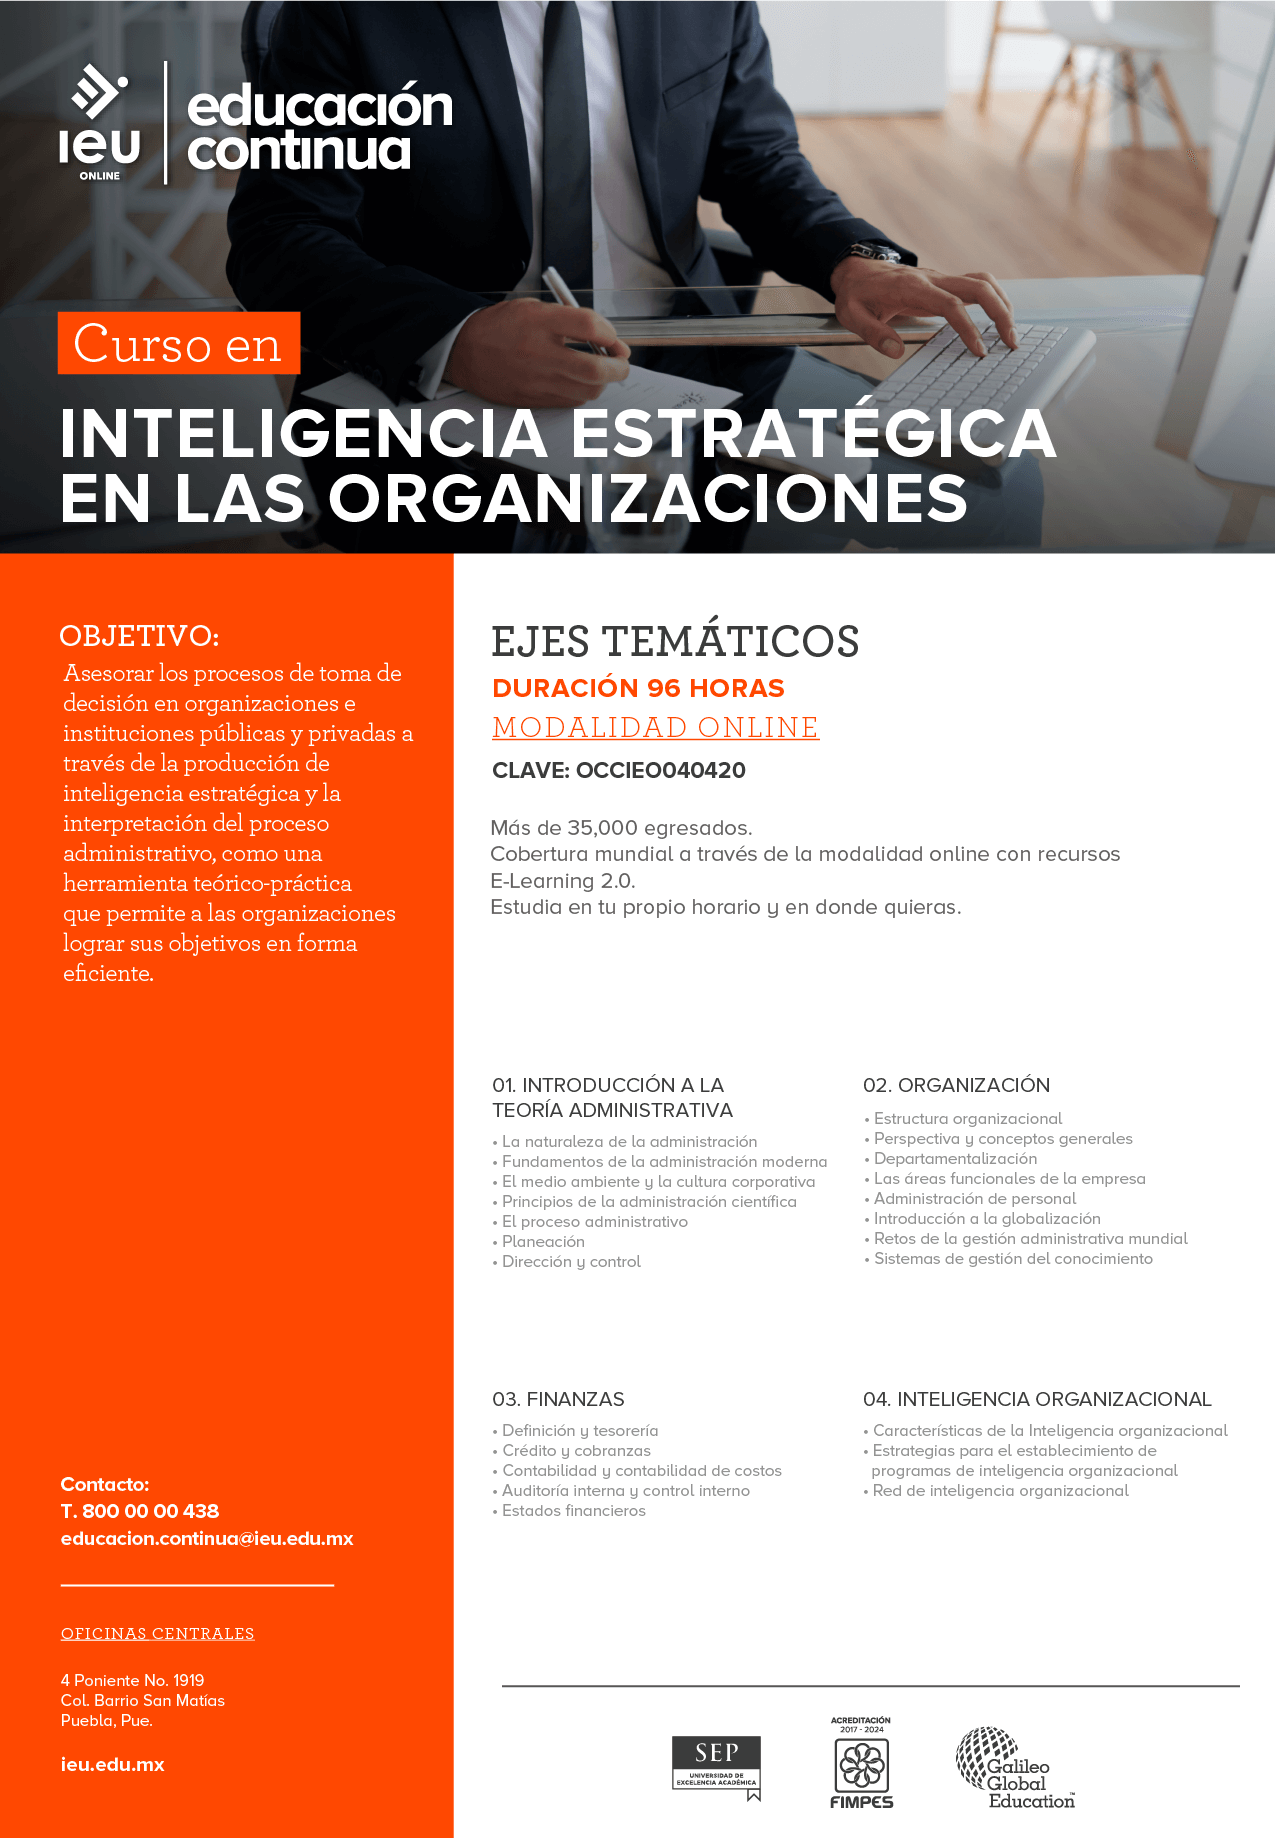 Inteligencia estratégica en las organizaciones